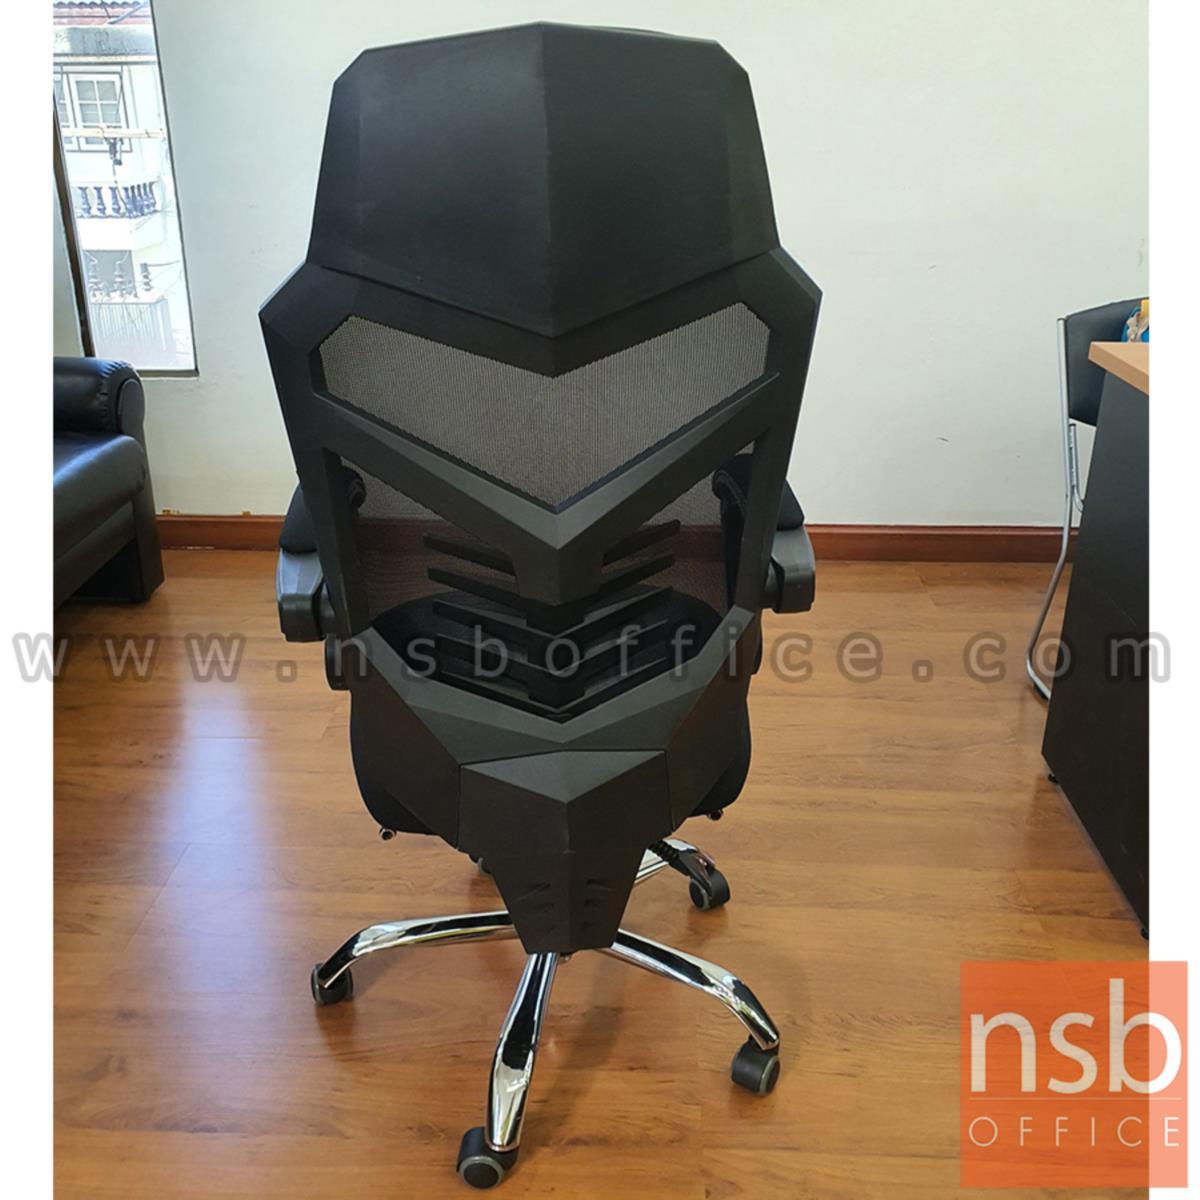 เก้าอี้สำนักงานหลังเน็ต รุ่น Megatron (เมกะทรอน)  ขาเหล็กชุบโครเมี่ยม